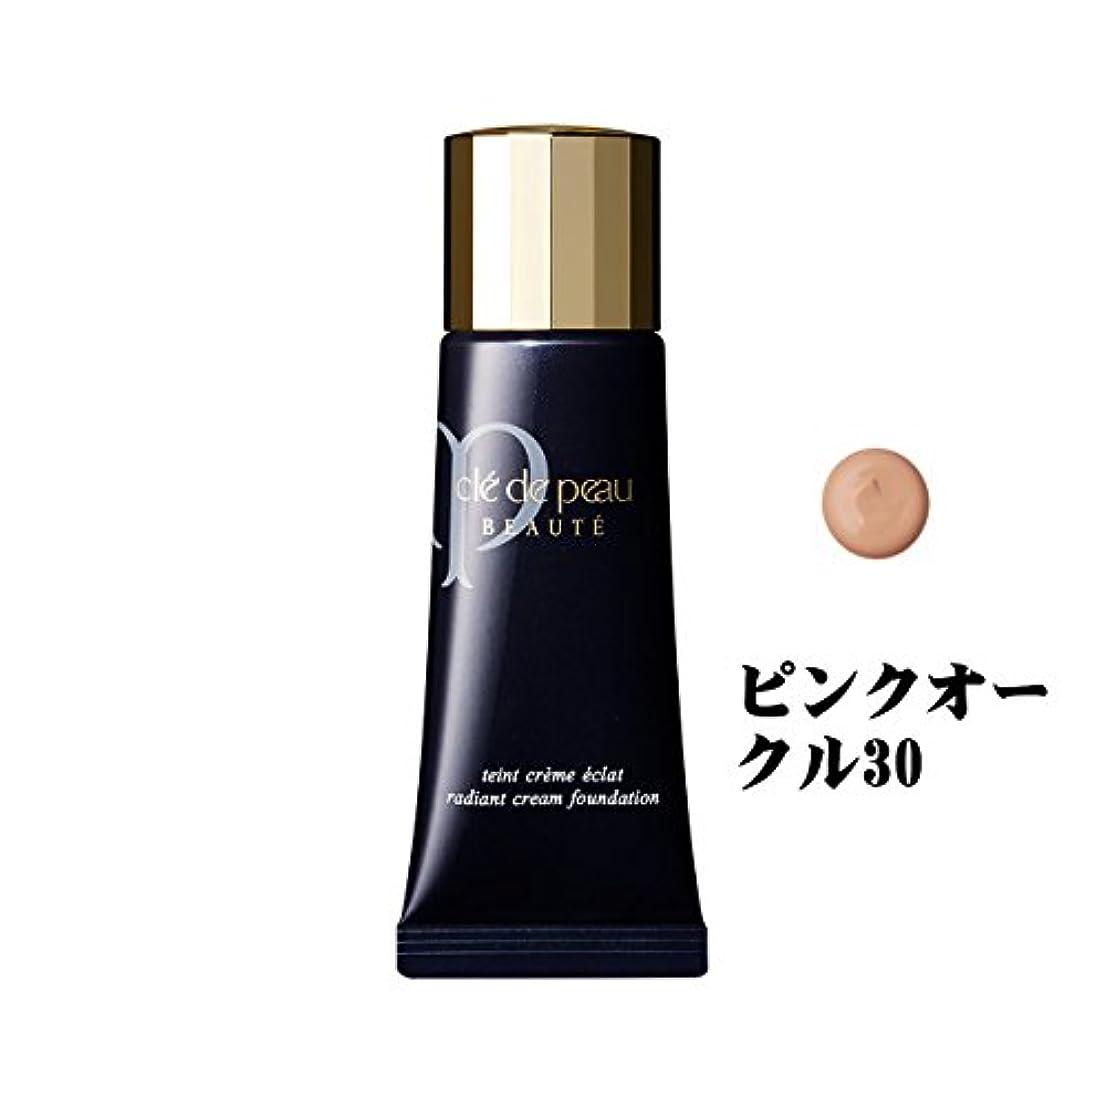 俳句試みオーブン資生堂/shiseido クレドポーボーテ/CPB タンクレームエクラ クリームタイプ SPF25?PA++ ピンクオークル30